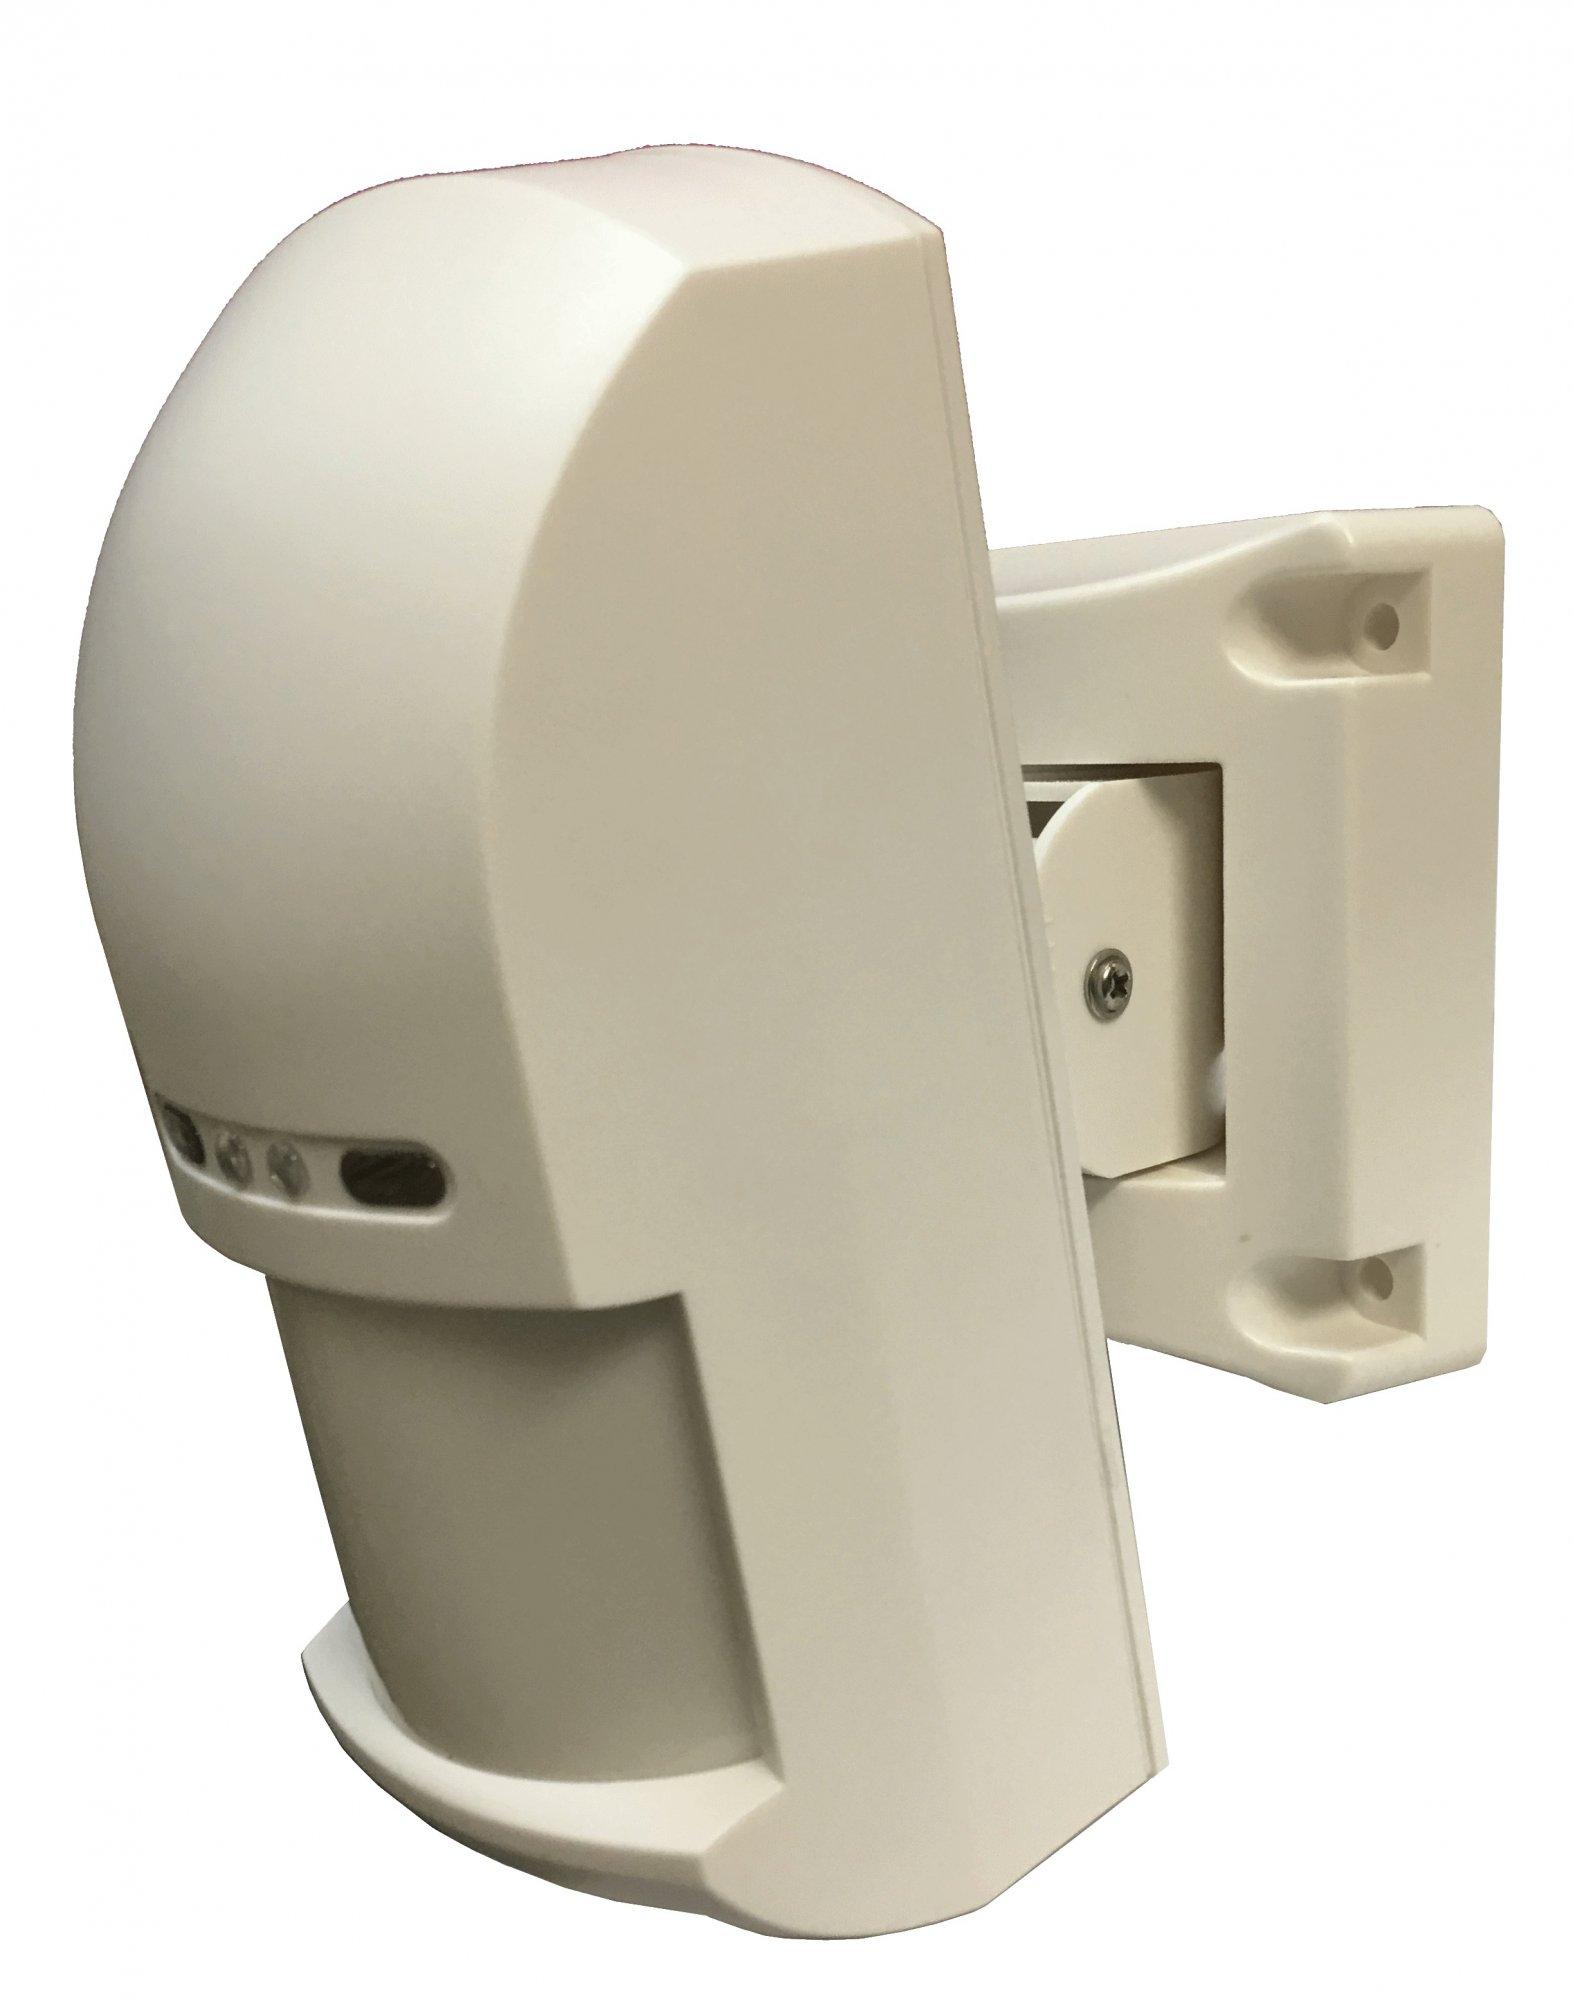 Охраняем периметр дачного участка: датчики движения